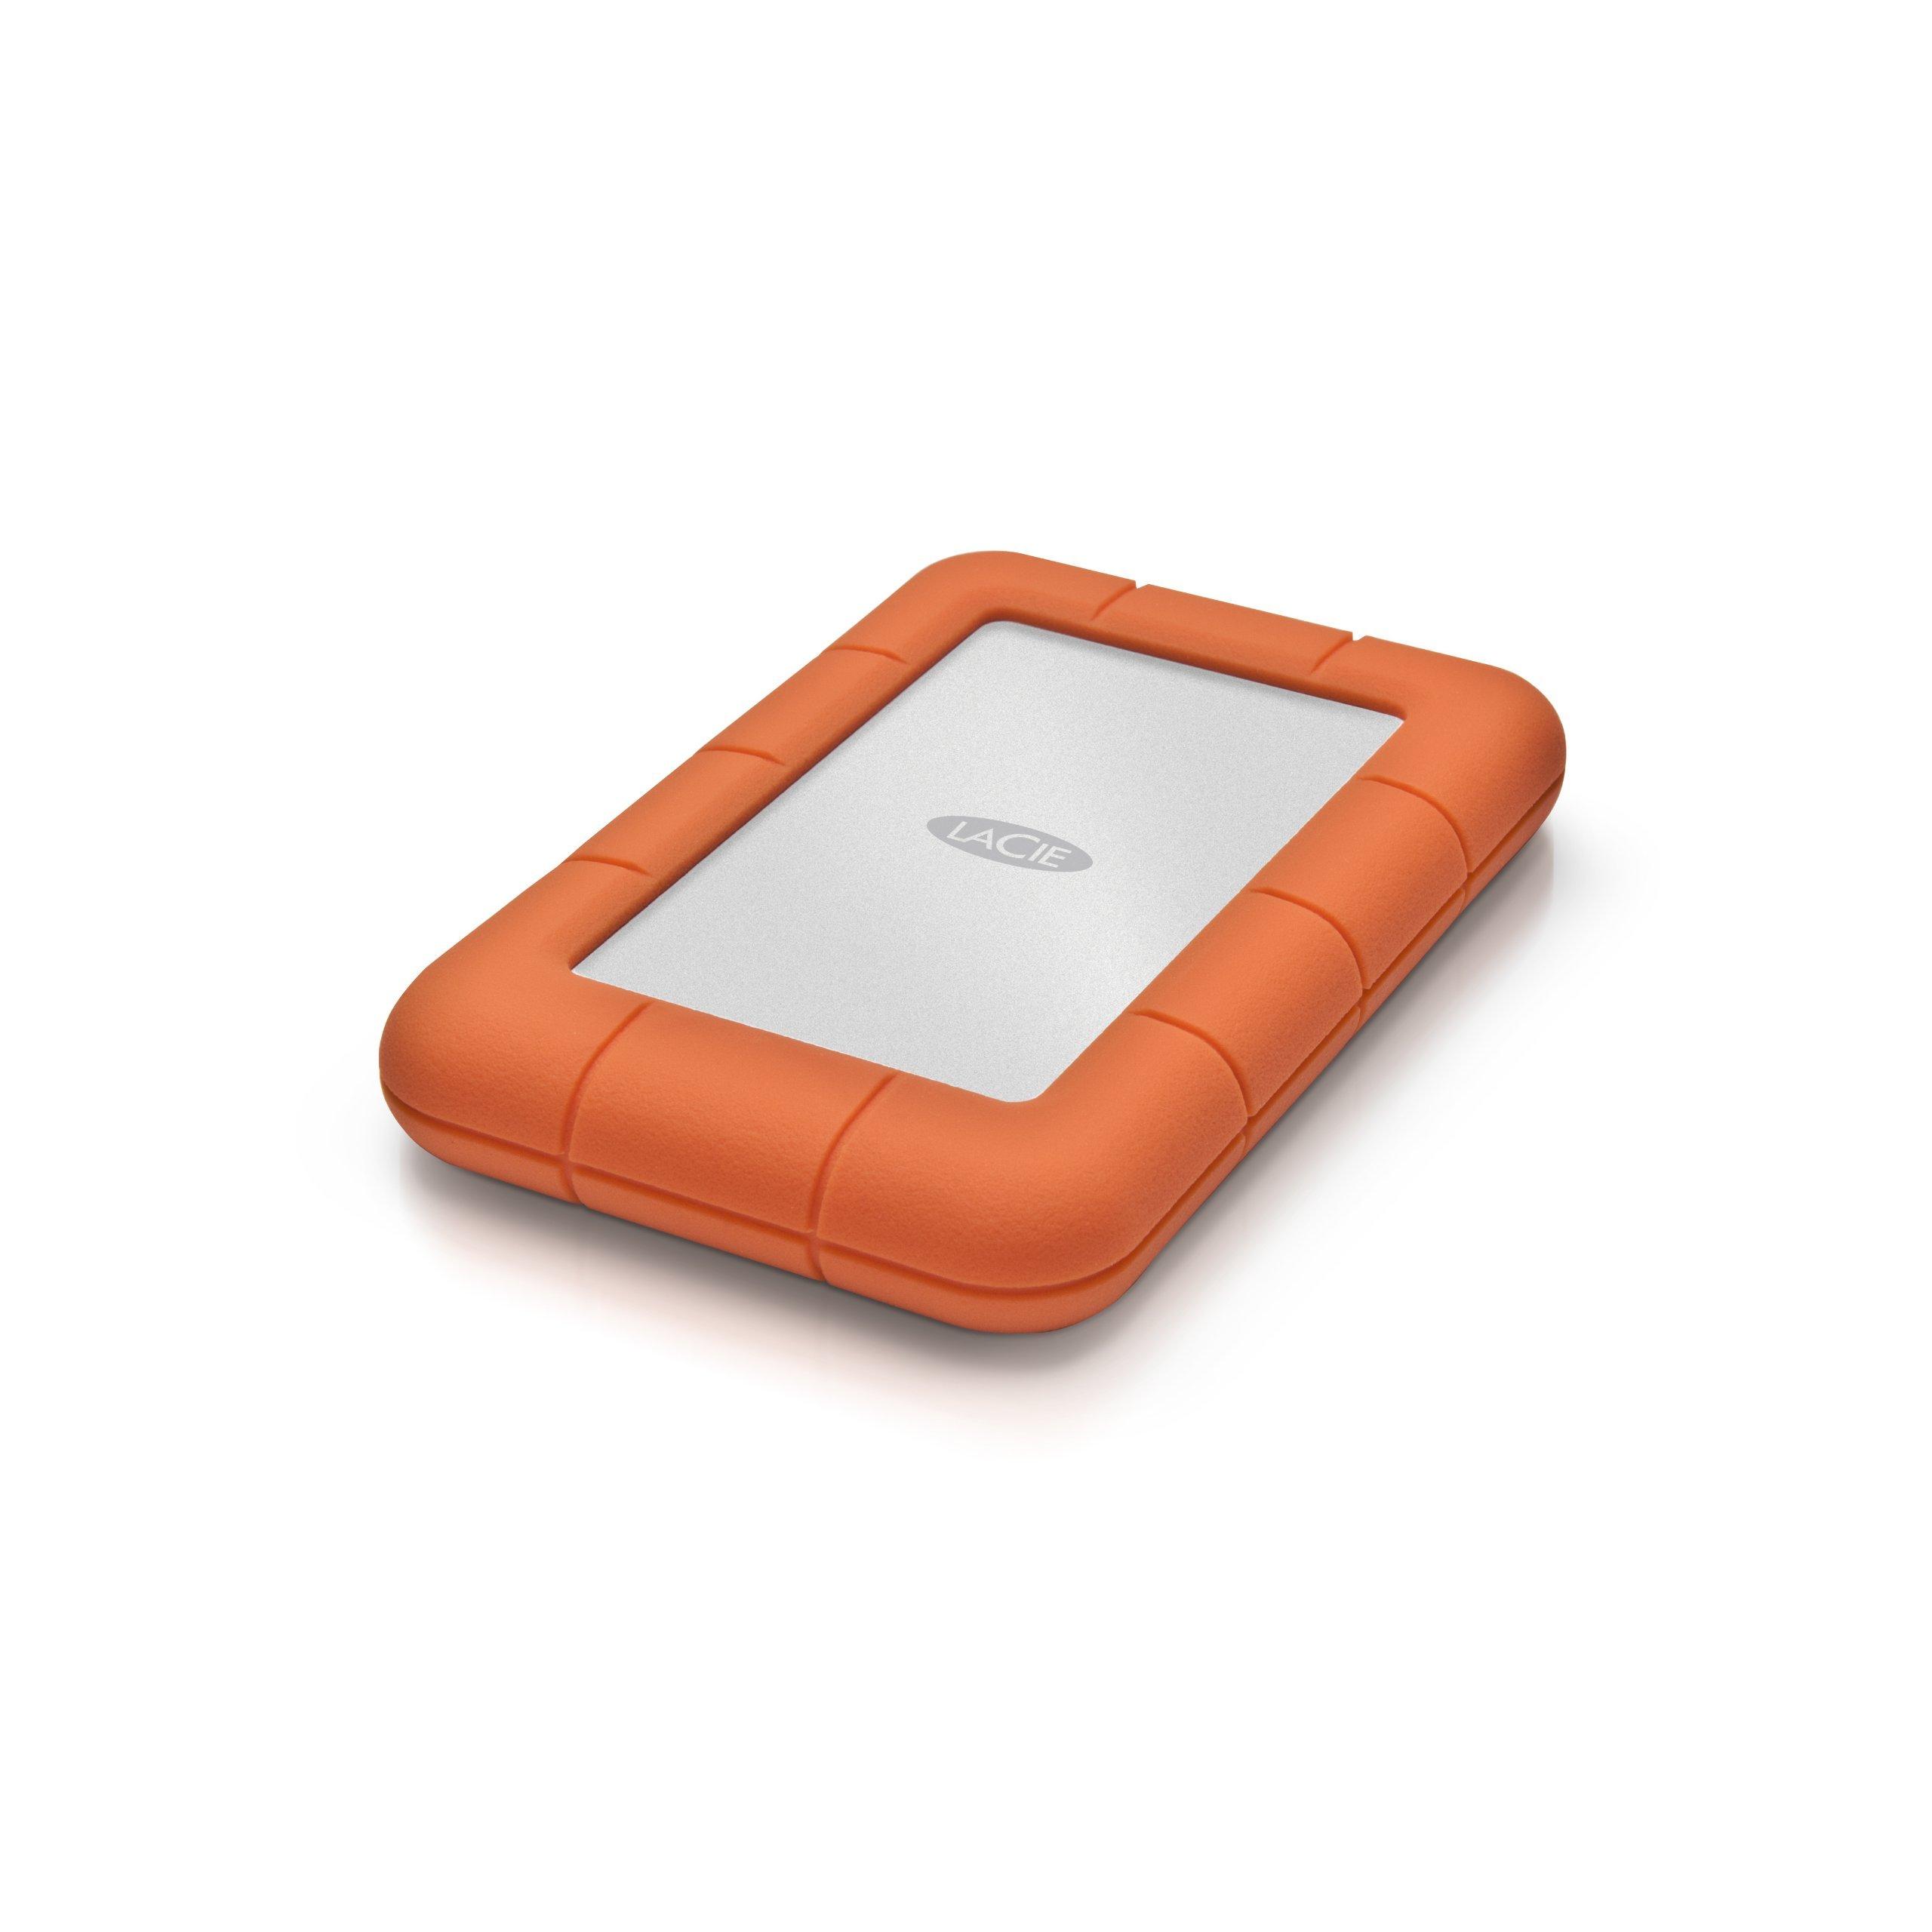 LaCie Rugged Mini USB 3.0 / USB 2.0 2TB External Hard Drive (9000298) (Renewed)